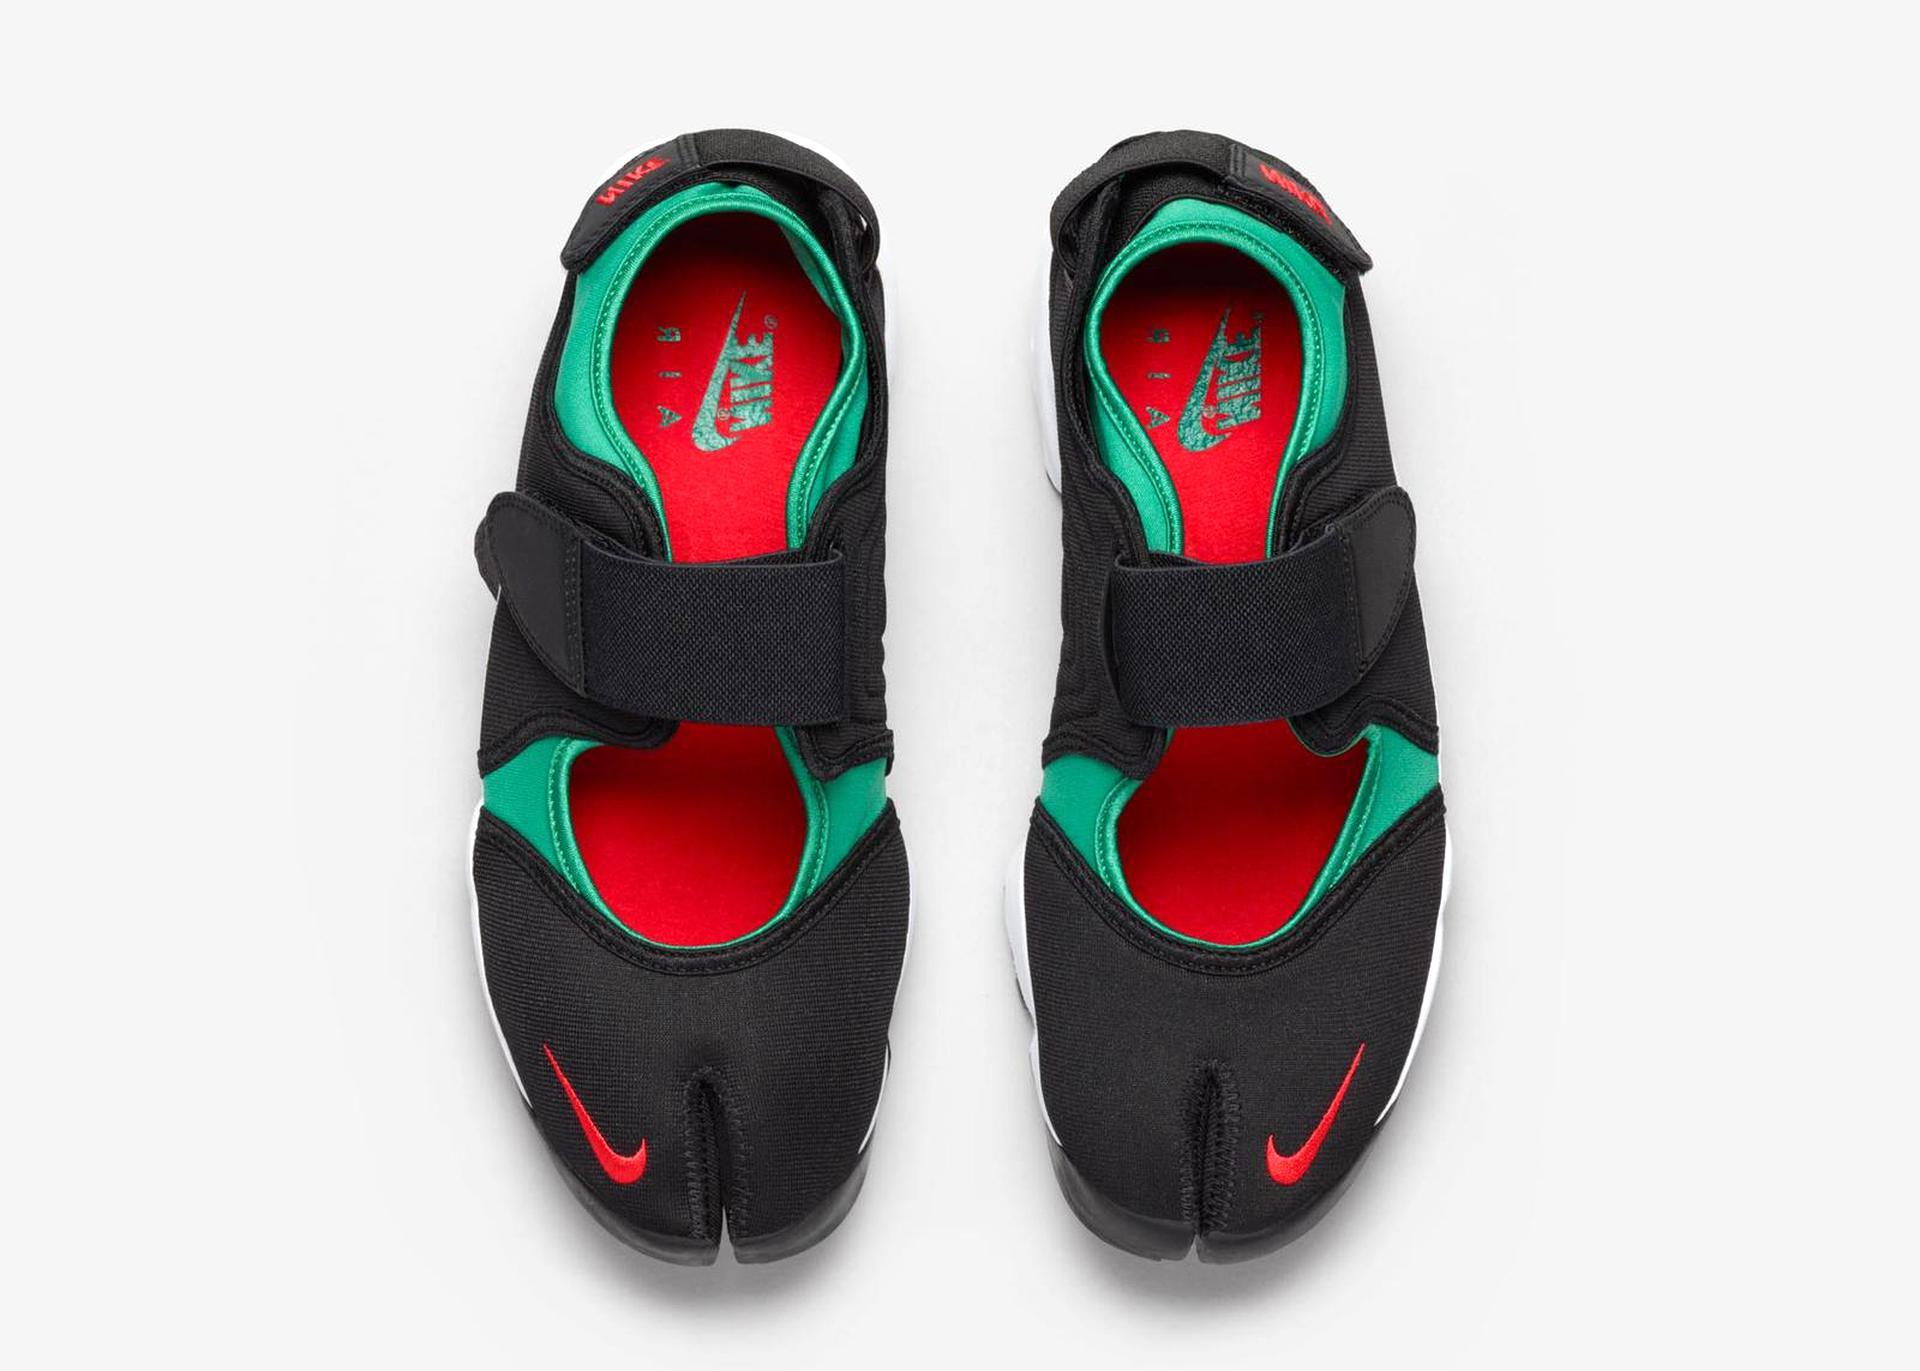 Nike Ninja d'occasion   Plus que 4 à -70%